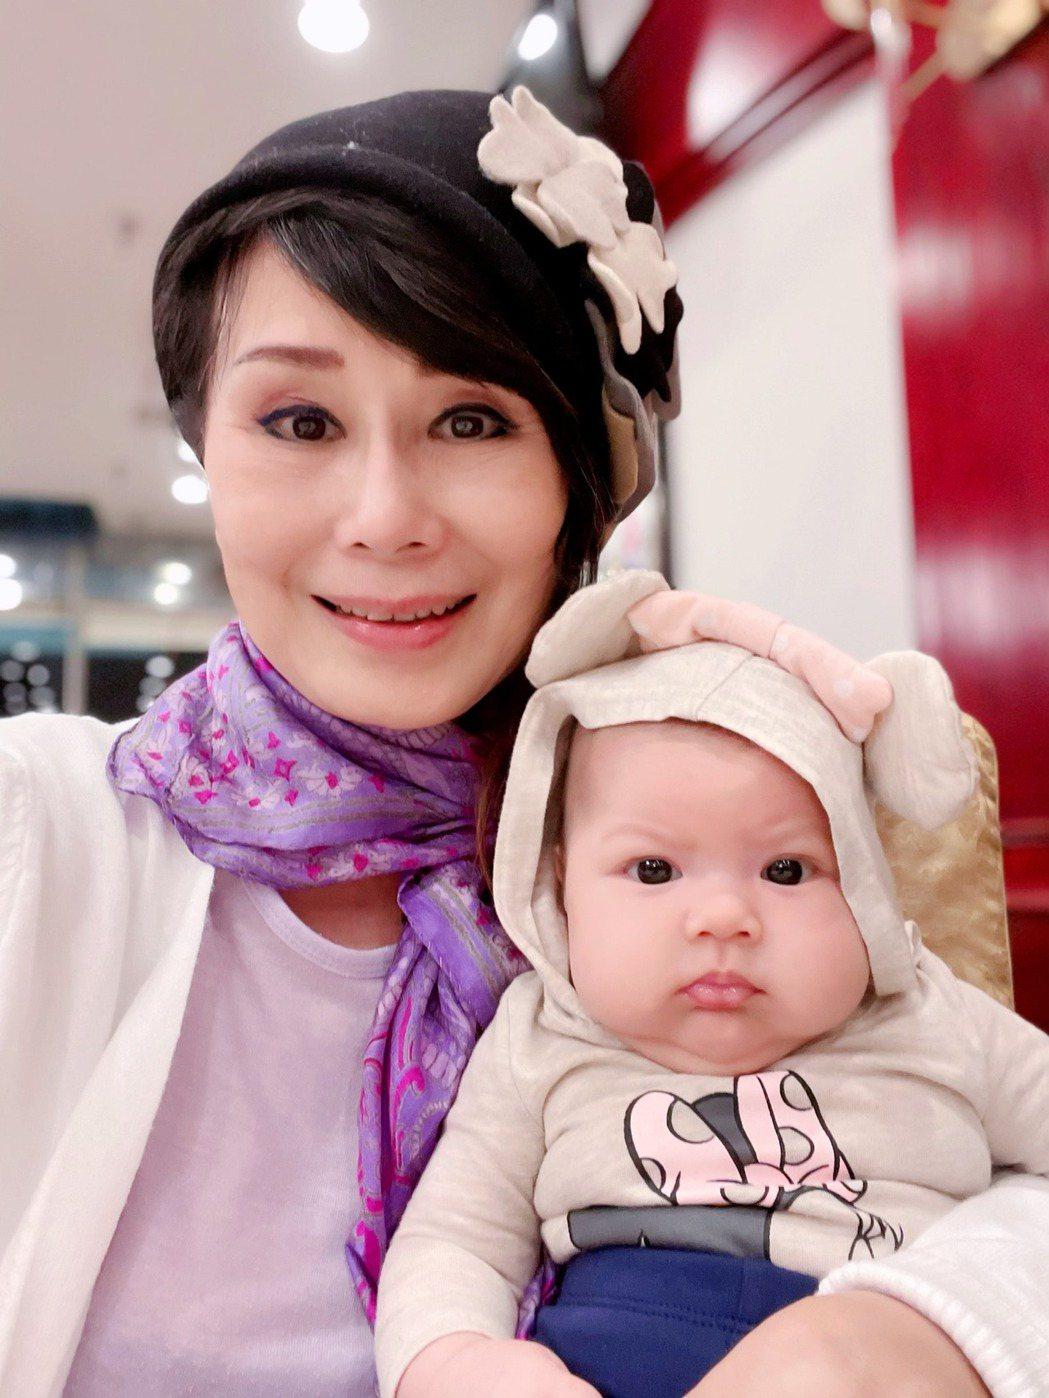 張琍敏今年38婦女節升格為外婆。圖/摘自臉書